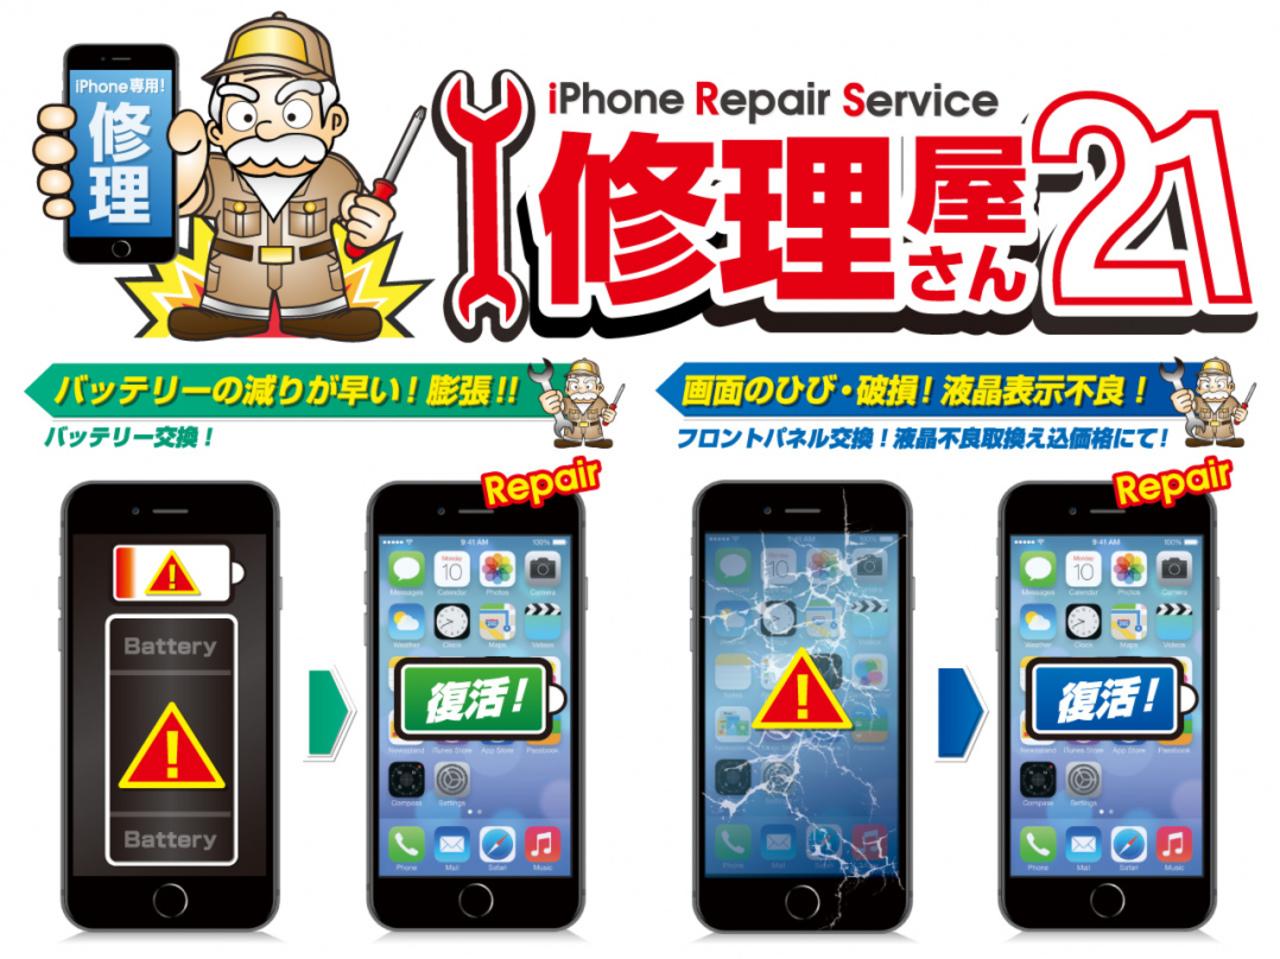 【はんこ屋さん21 竹ノ塚店】iPhone修理サービスの受付スタートしました